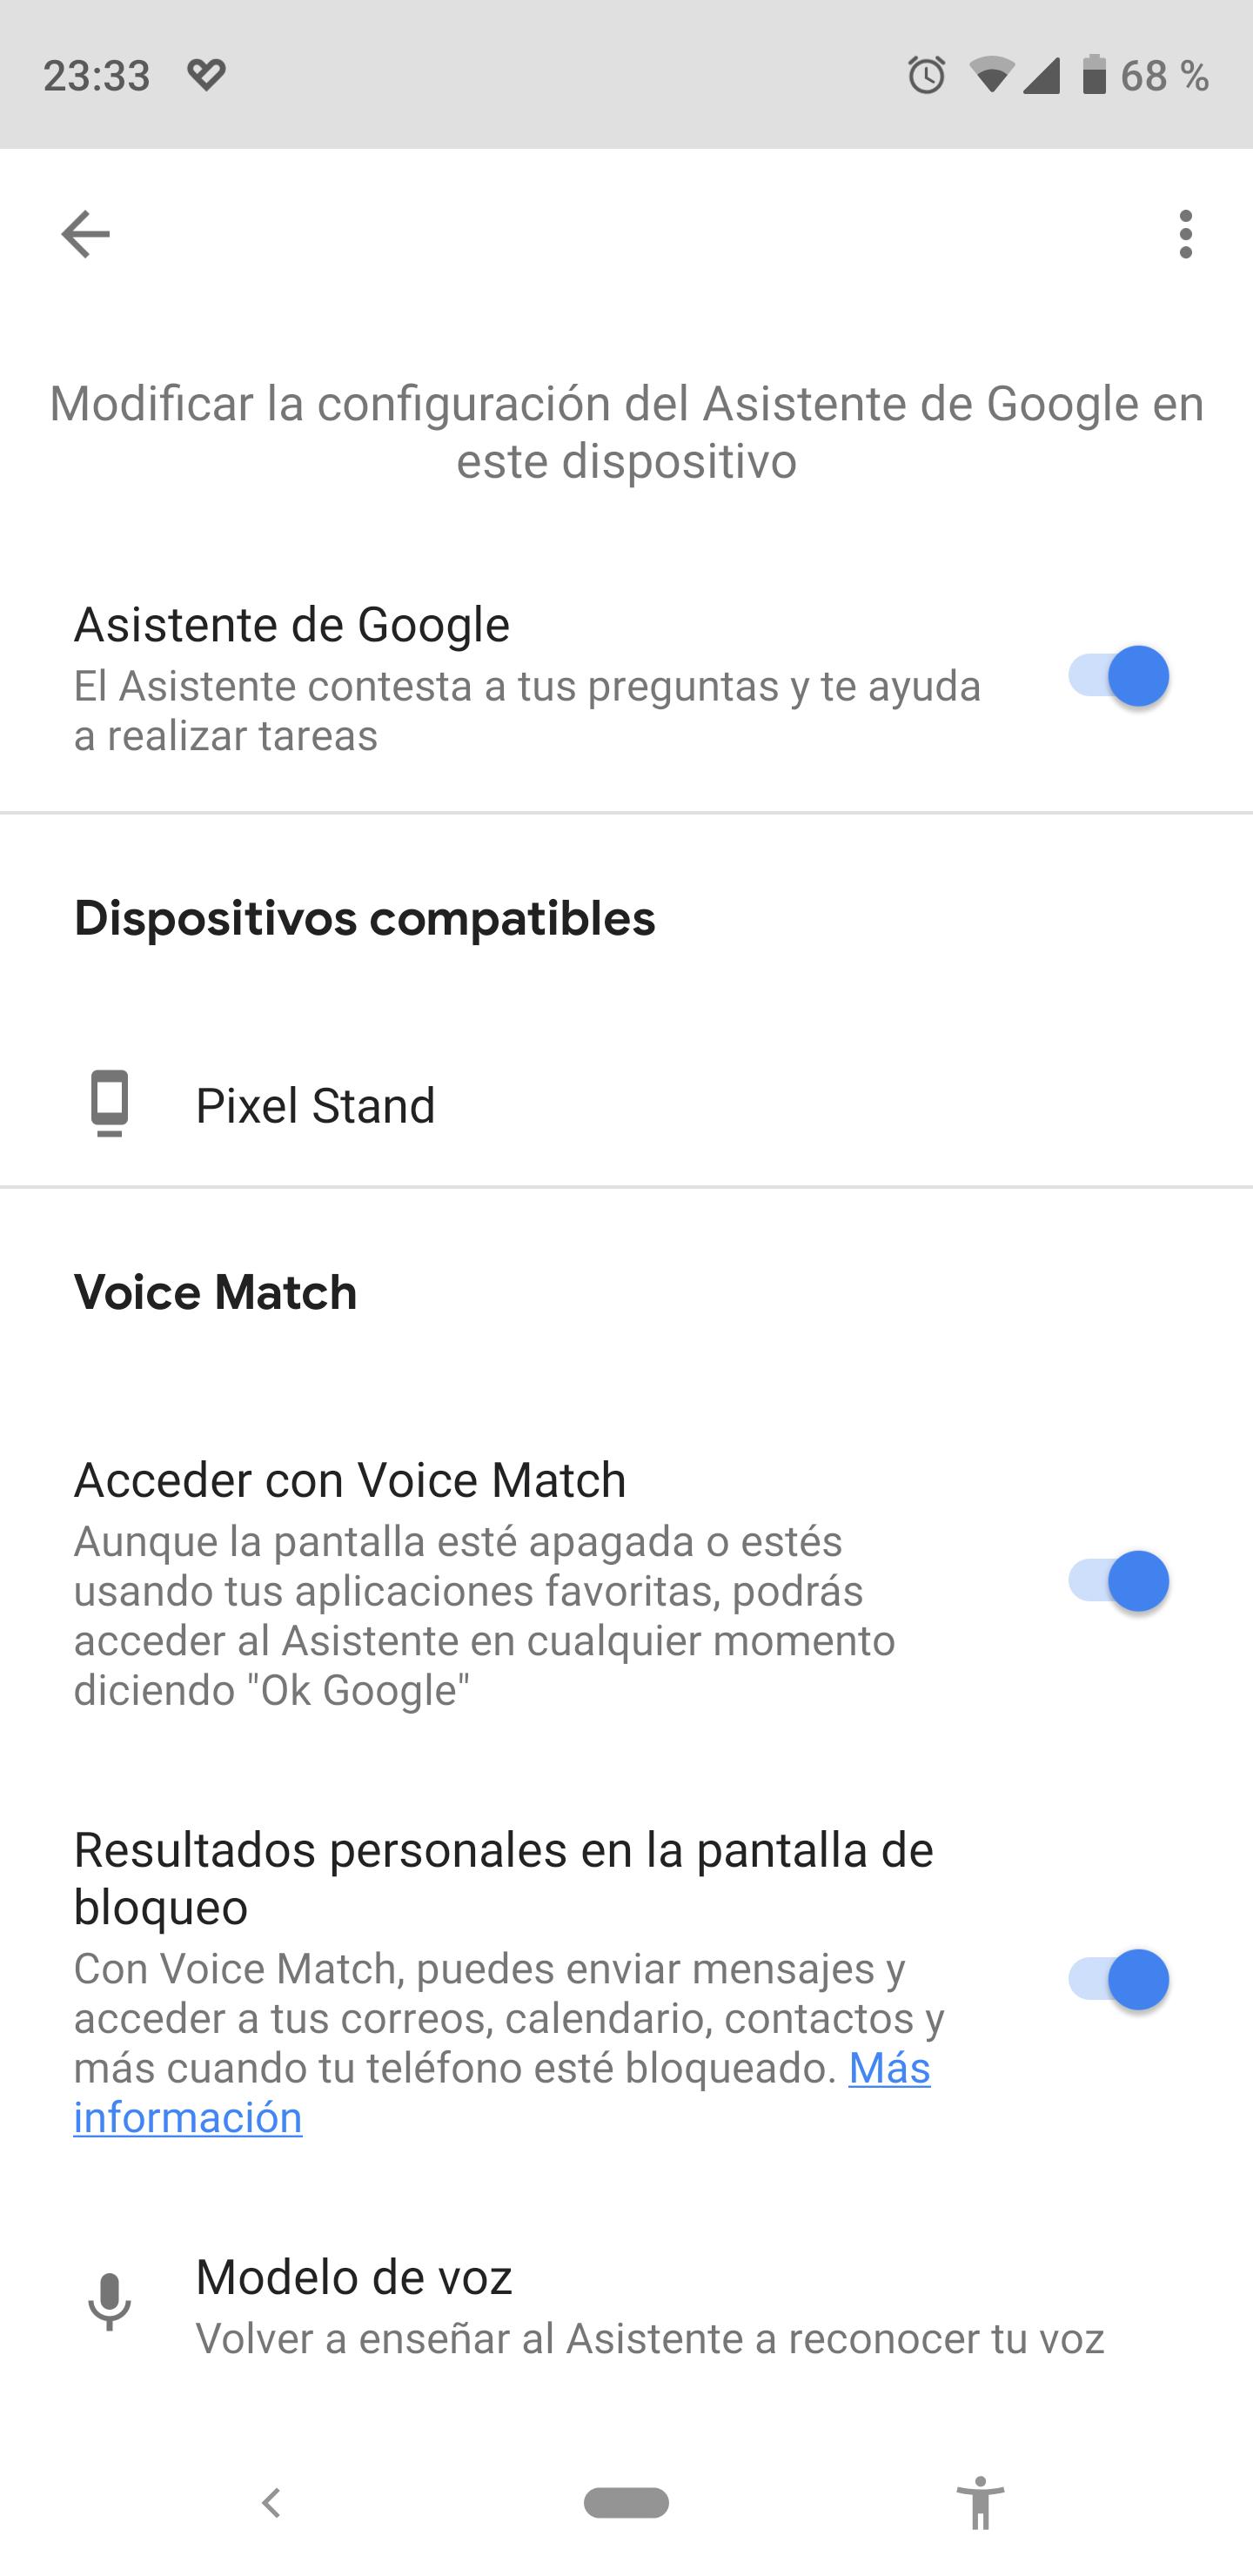 Desactivar el asistente de Google en Android